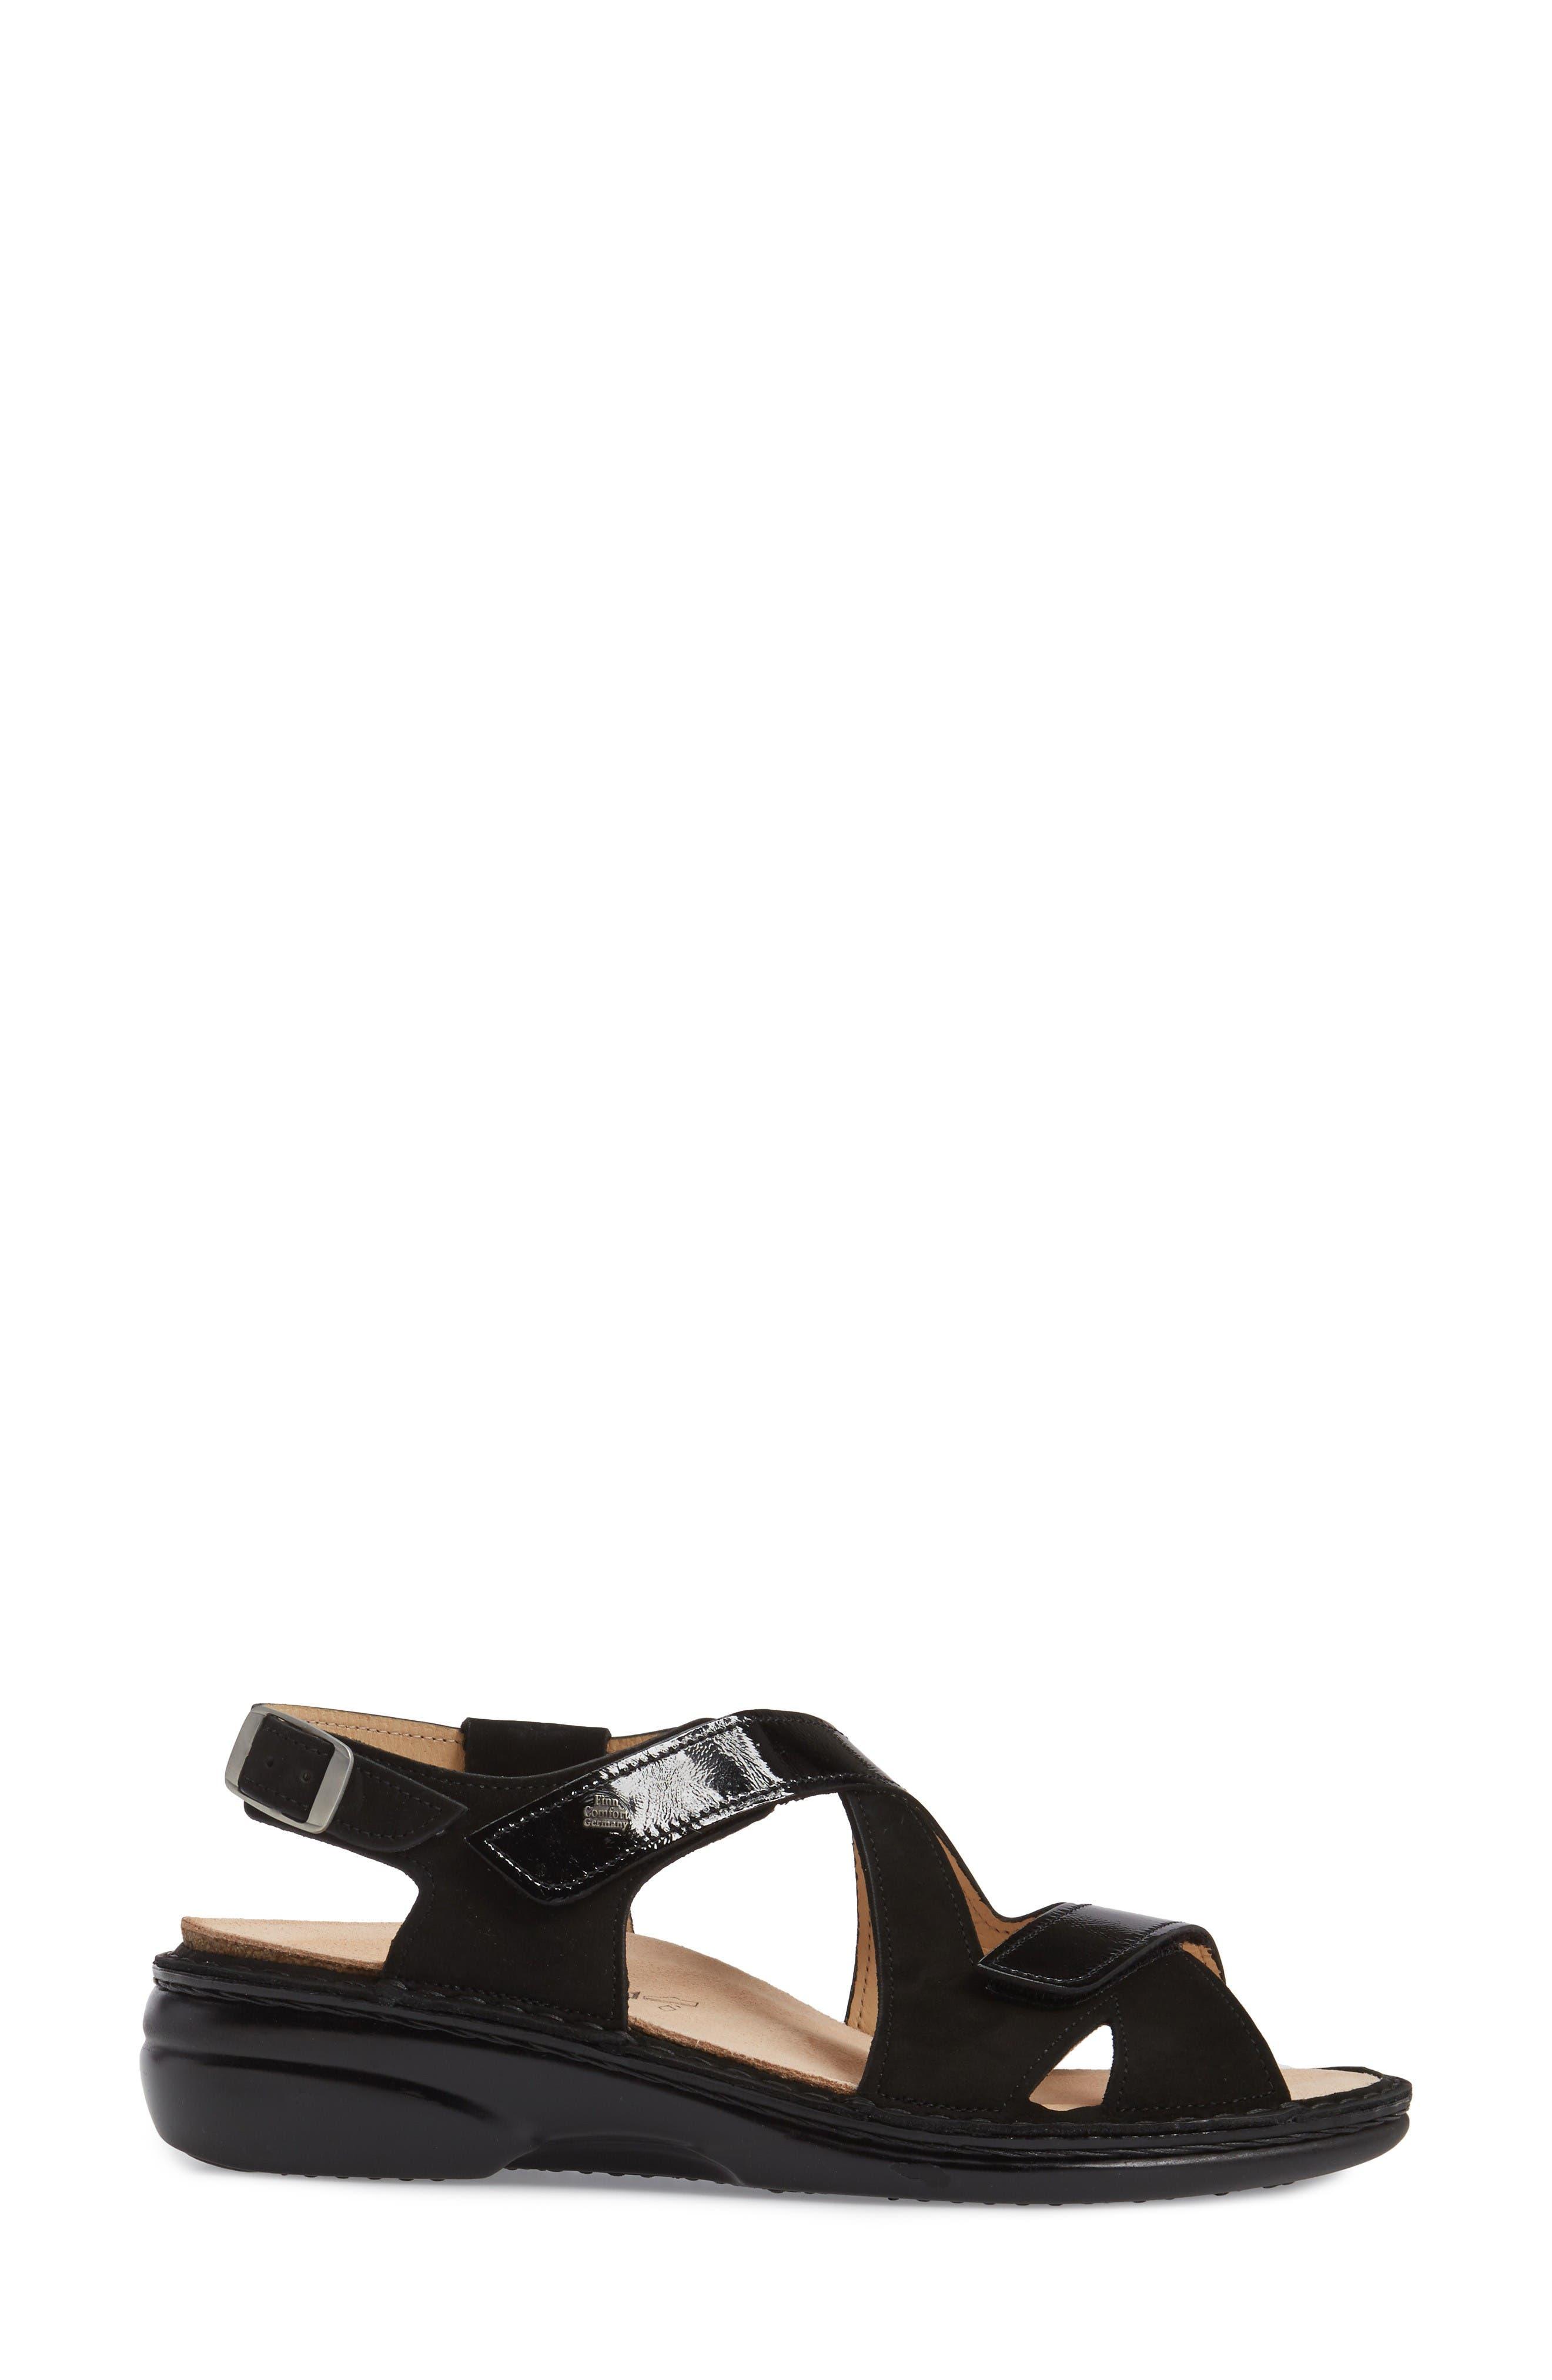 Alternate Image 3  - Finn Comfort Leawood Sandal (Women)